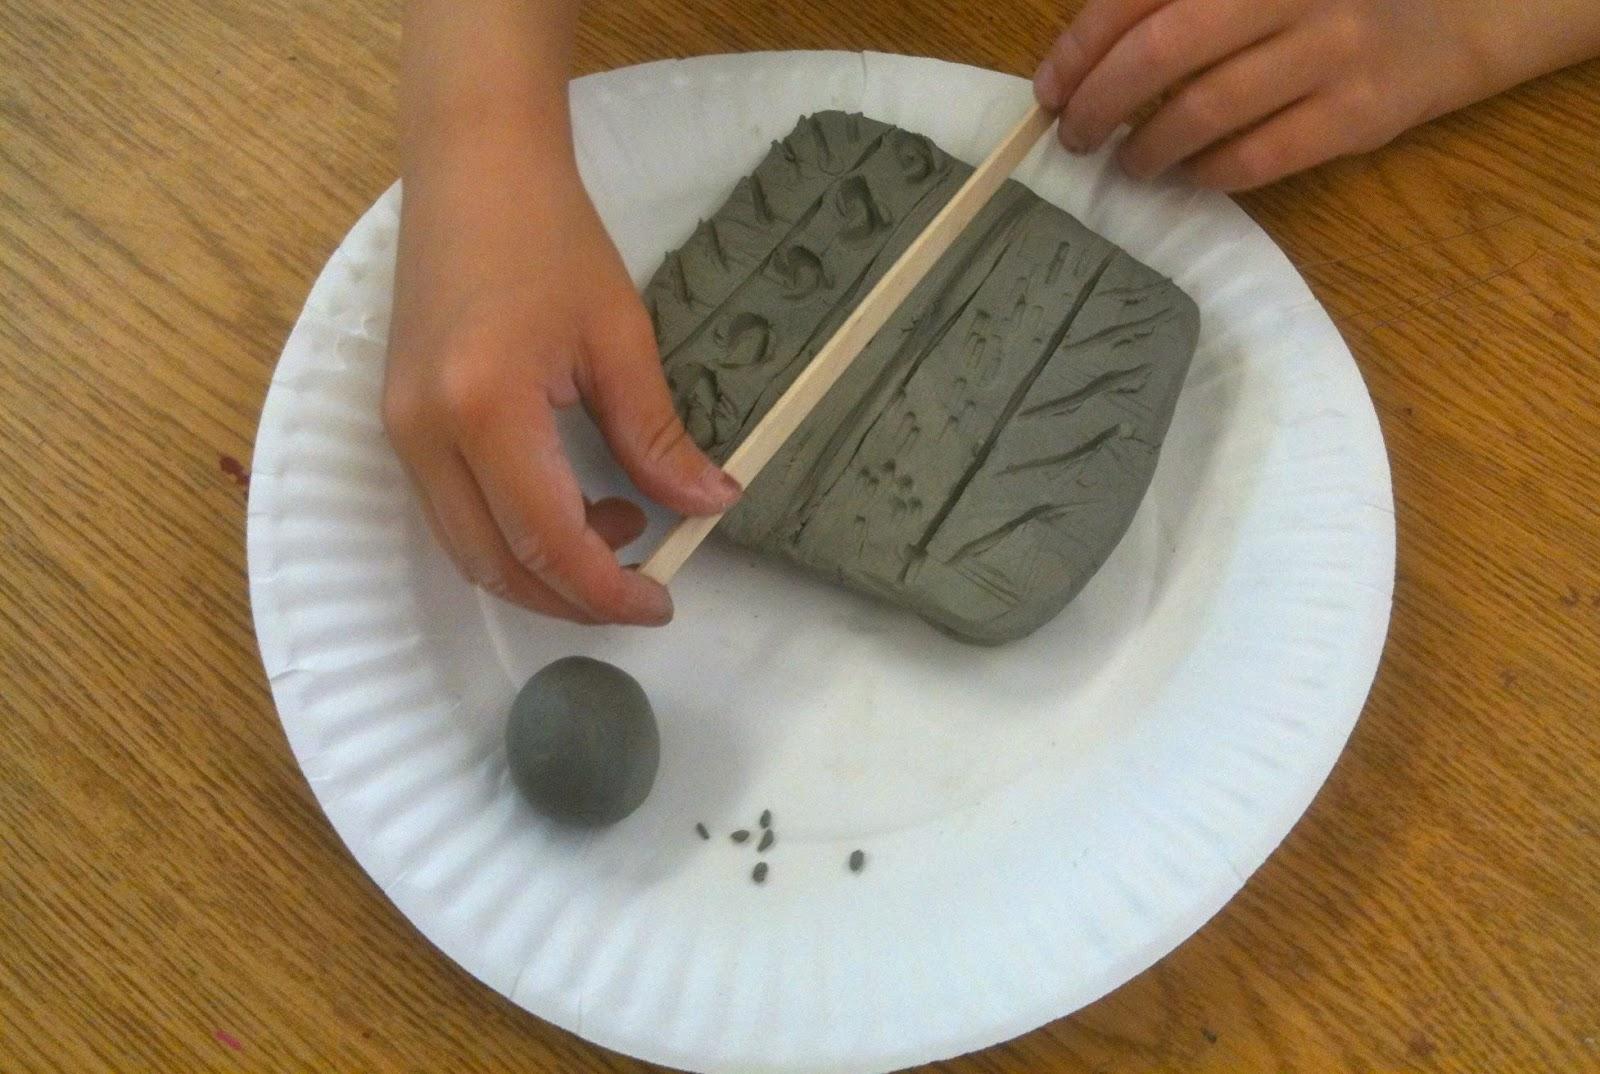 czeshop images easy clay sculptures ideas